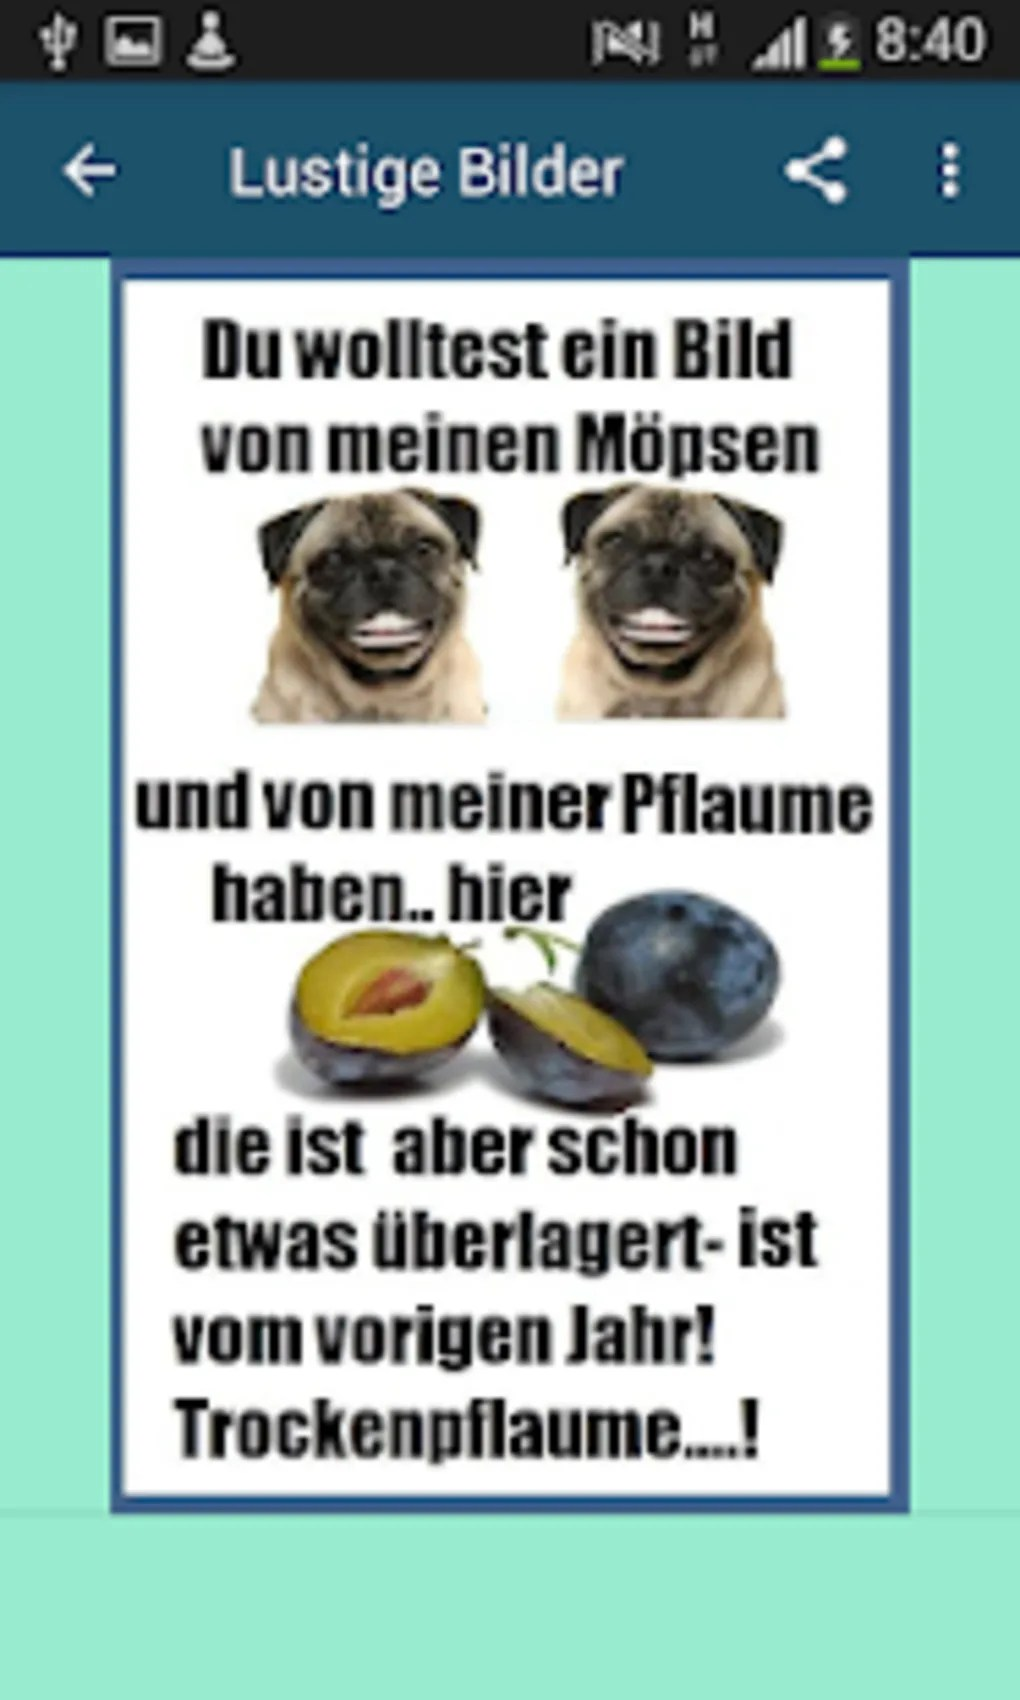 Lustige Bilder Whatsapp Kostenlos Nikolausgrüße Lustige Sprüche